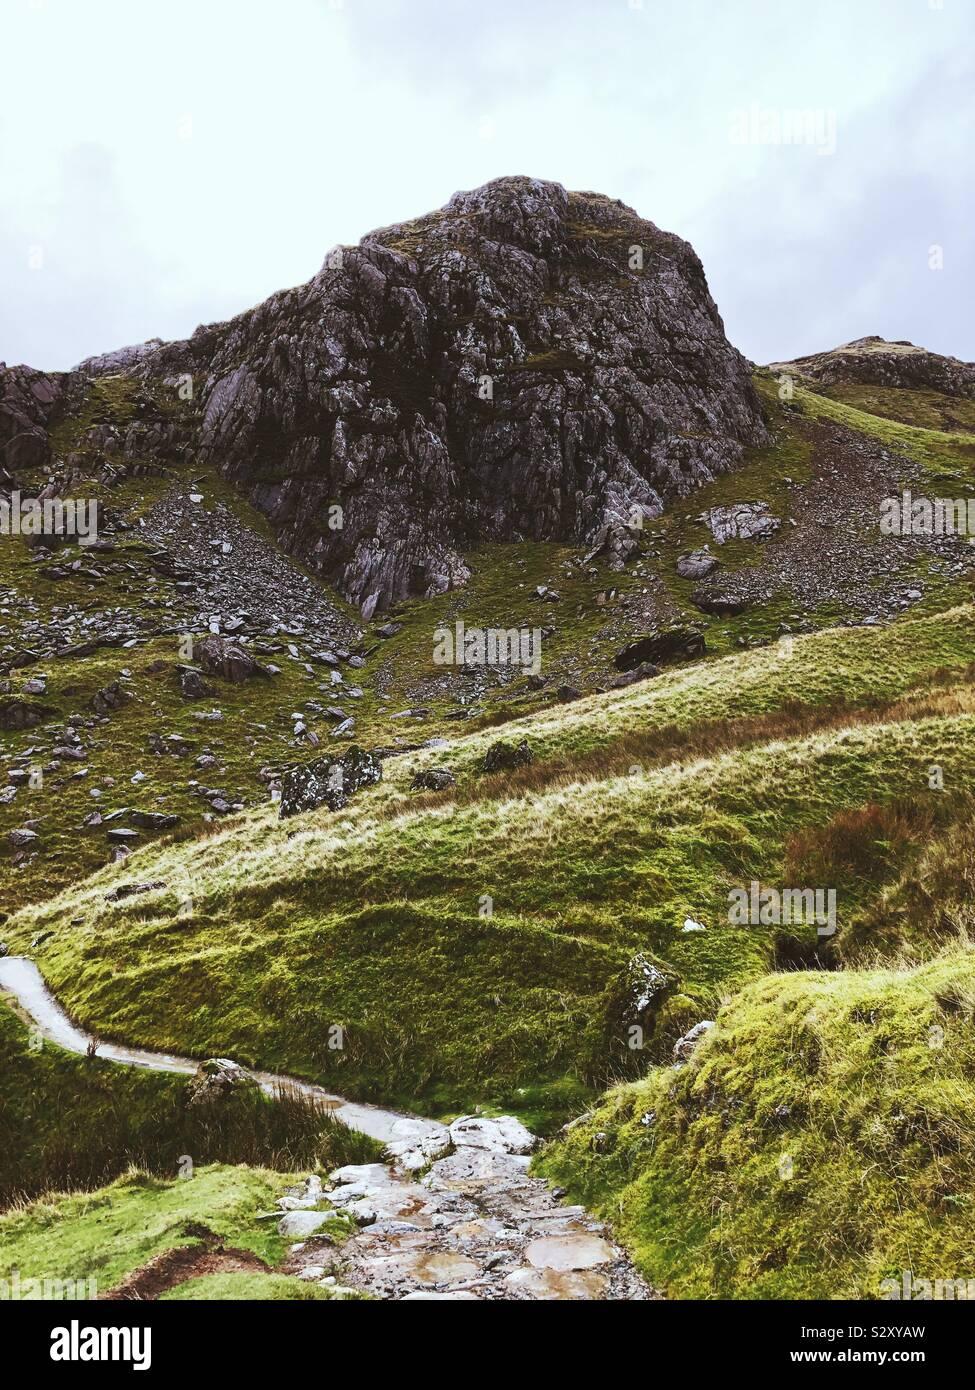 Camino al Monte Snowdon debajo de un gran acantilado Foto de stock